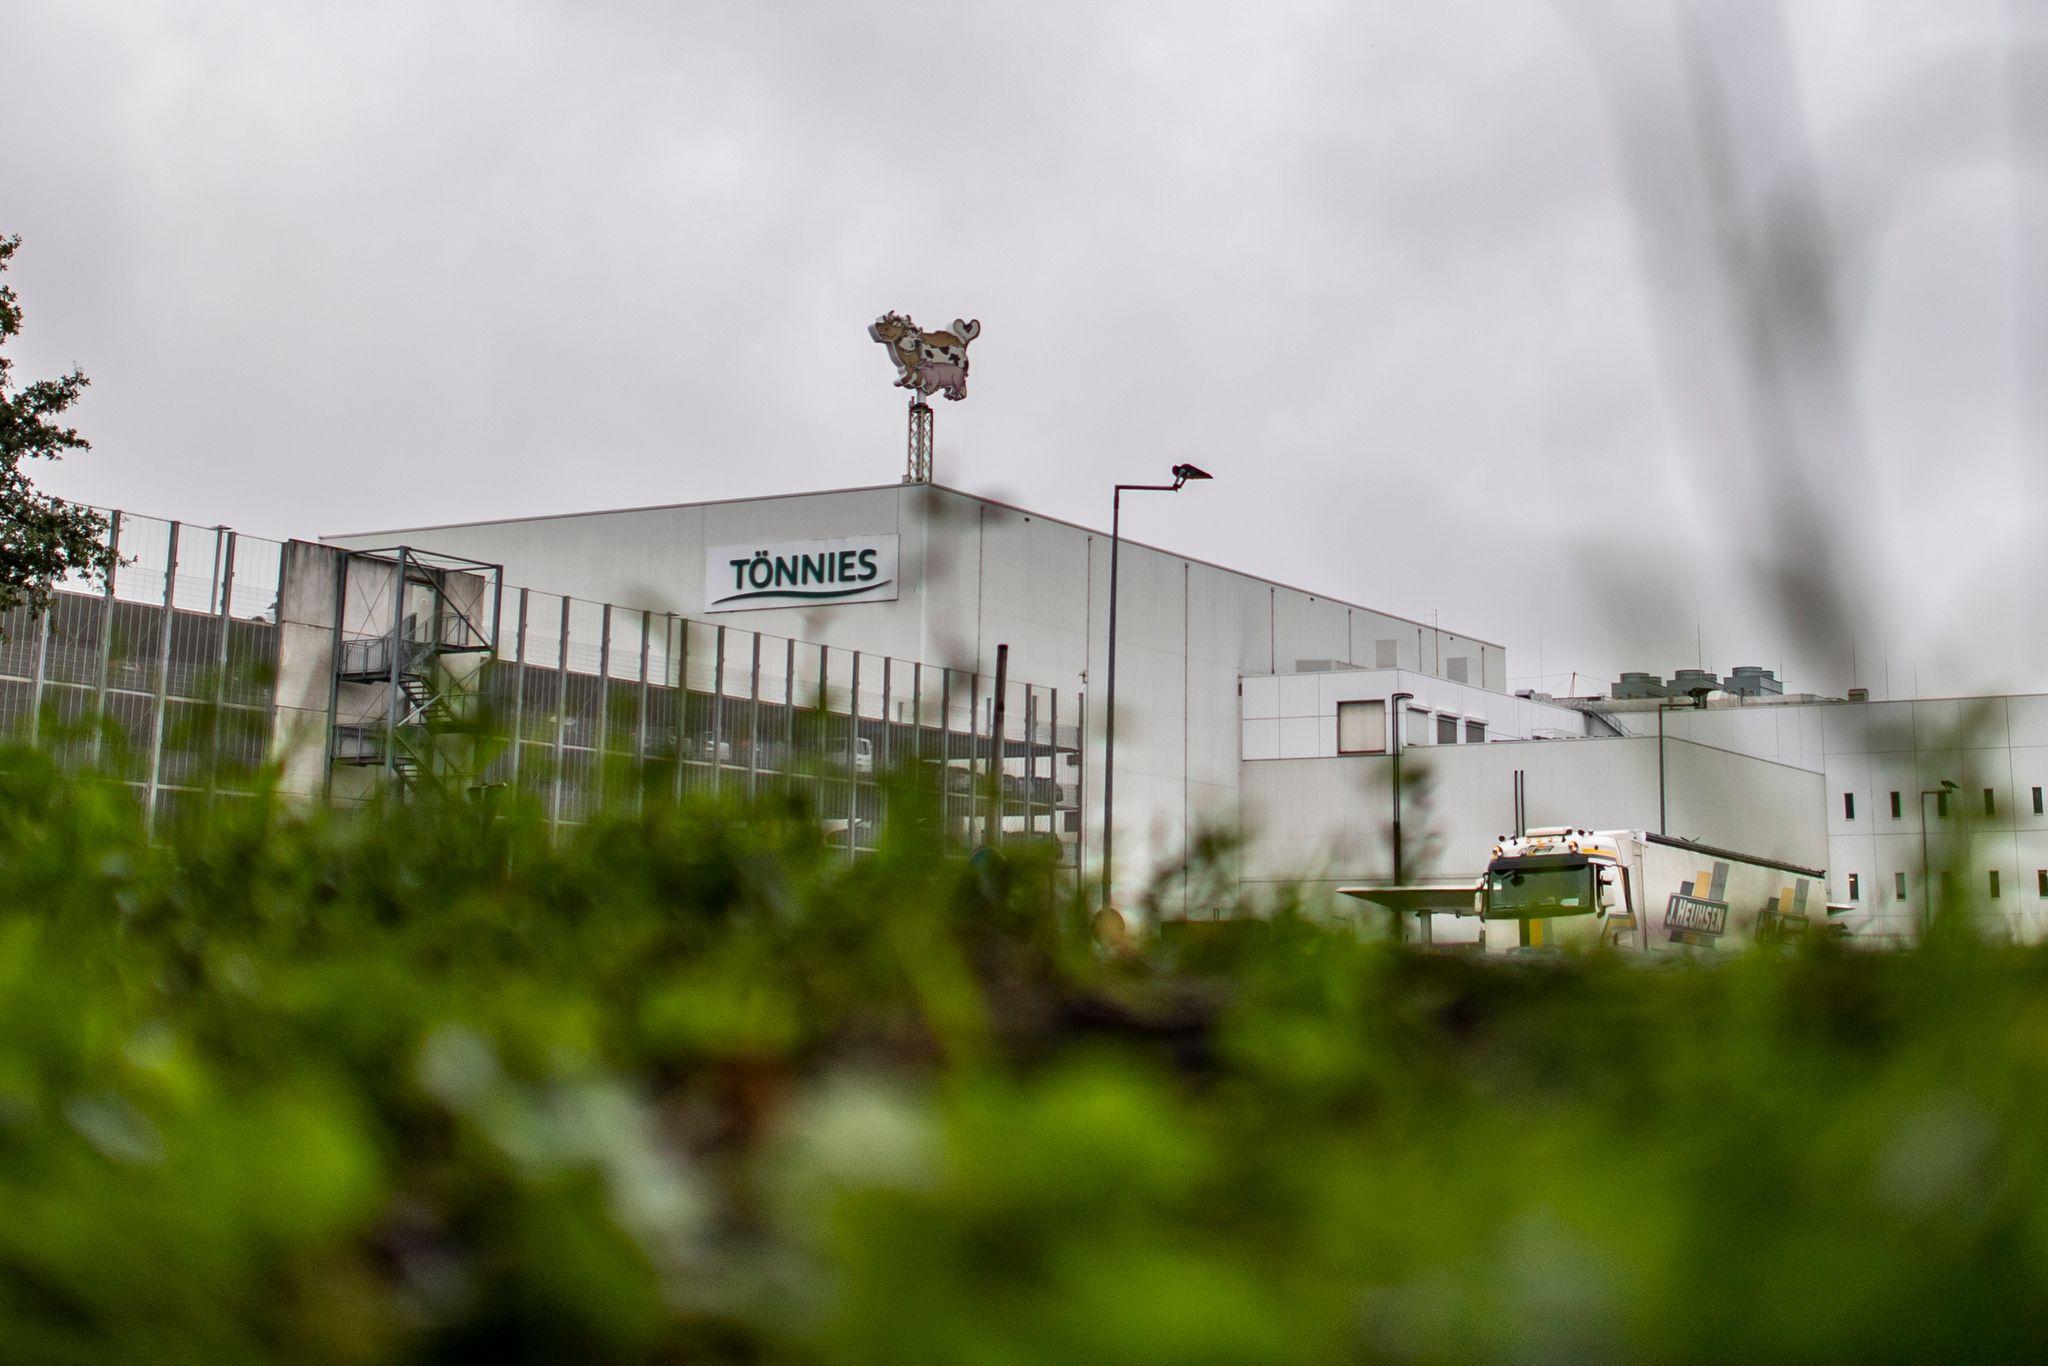 Der Hauptstandort des Fleichberarbeiters Tönnies in Rheda-Wiedenbrück war nach einem Corona-Massenausbruch wochenlang stillgelegt worden. Foto: David Inderlied / dpa